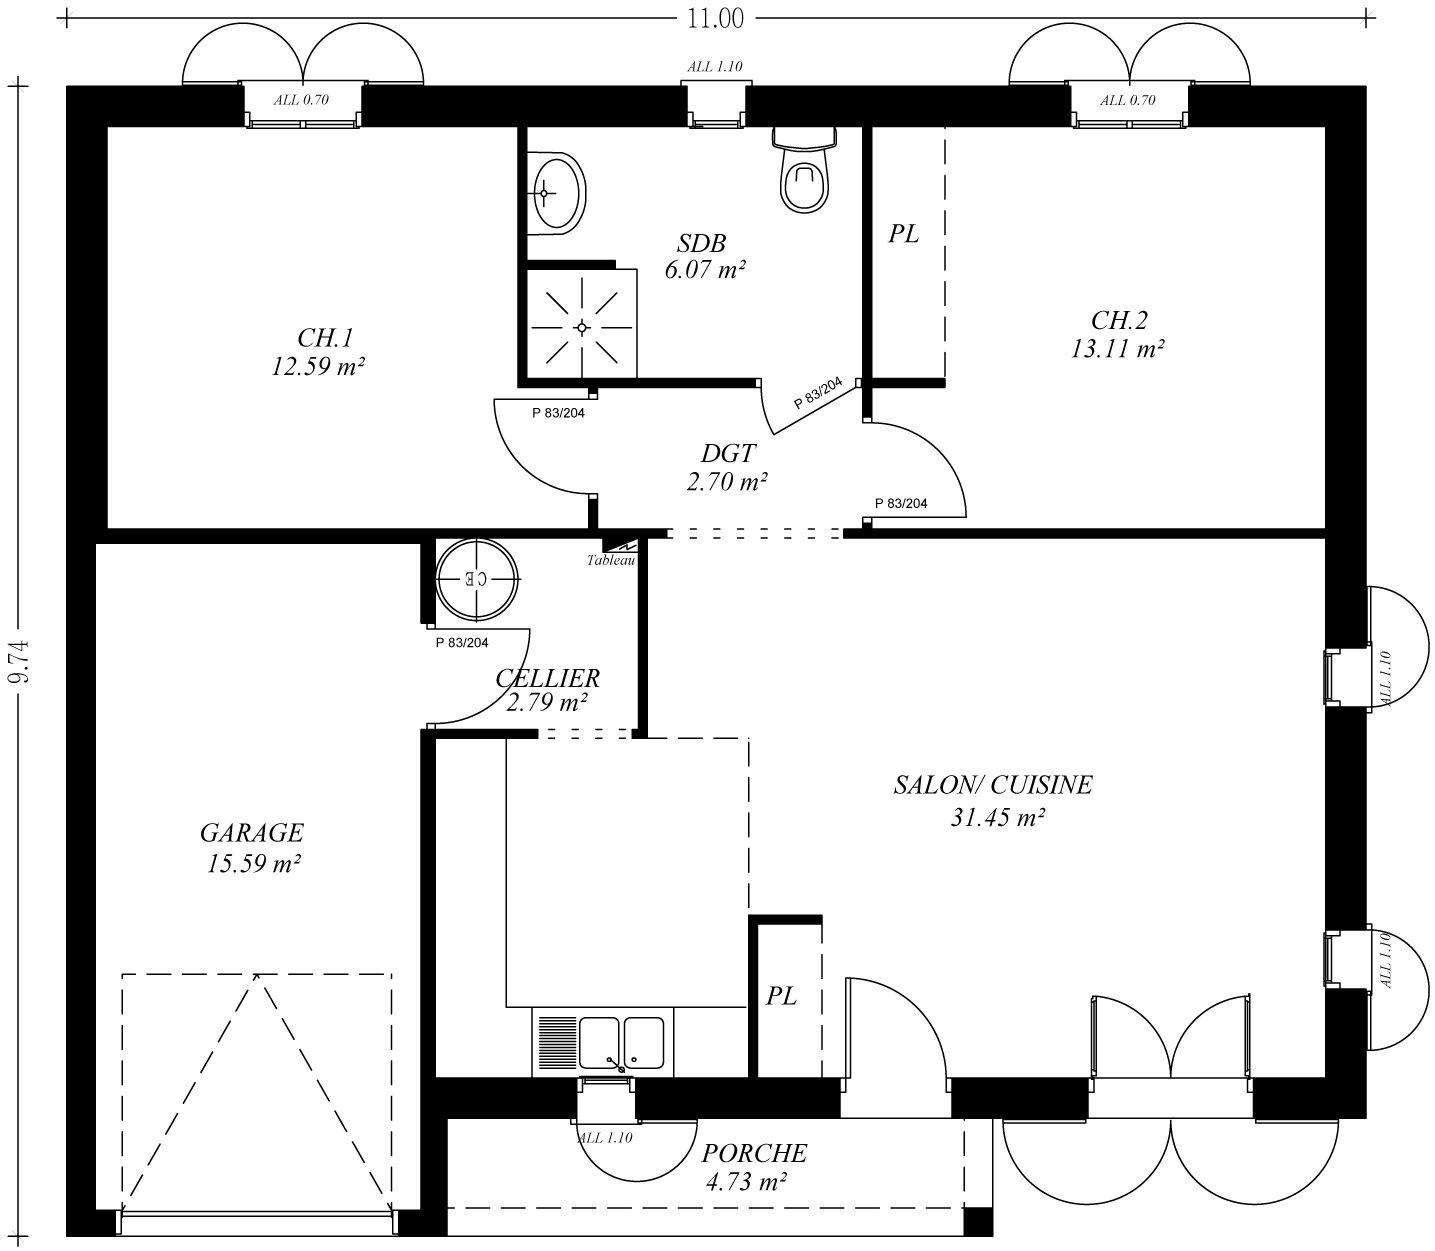 Plan maison en l avec garage amusant plan maison en l for Plan maison positive